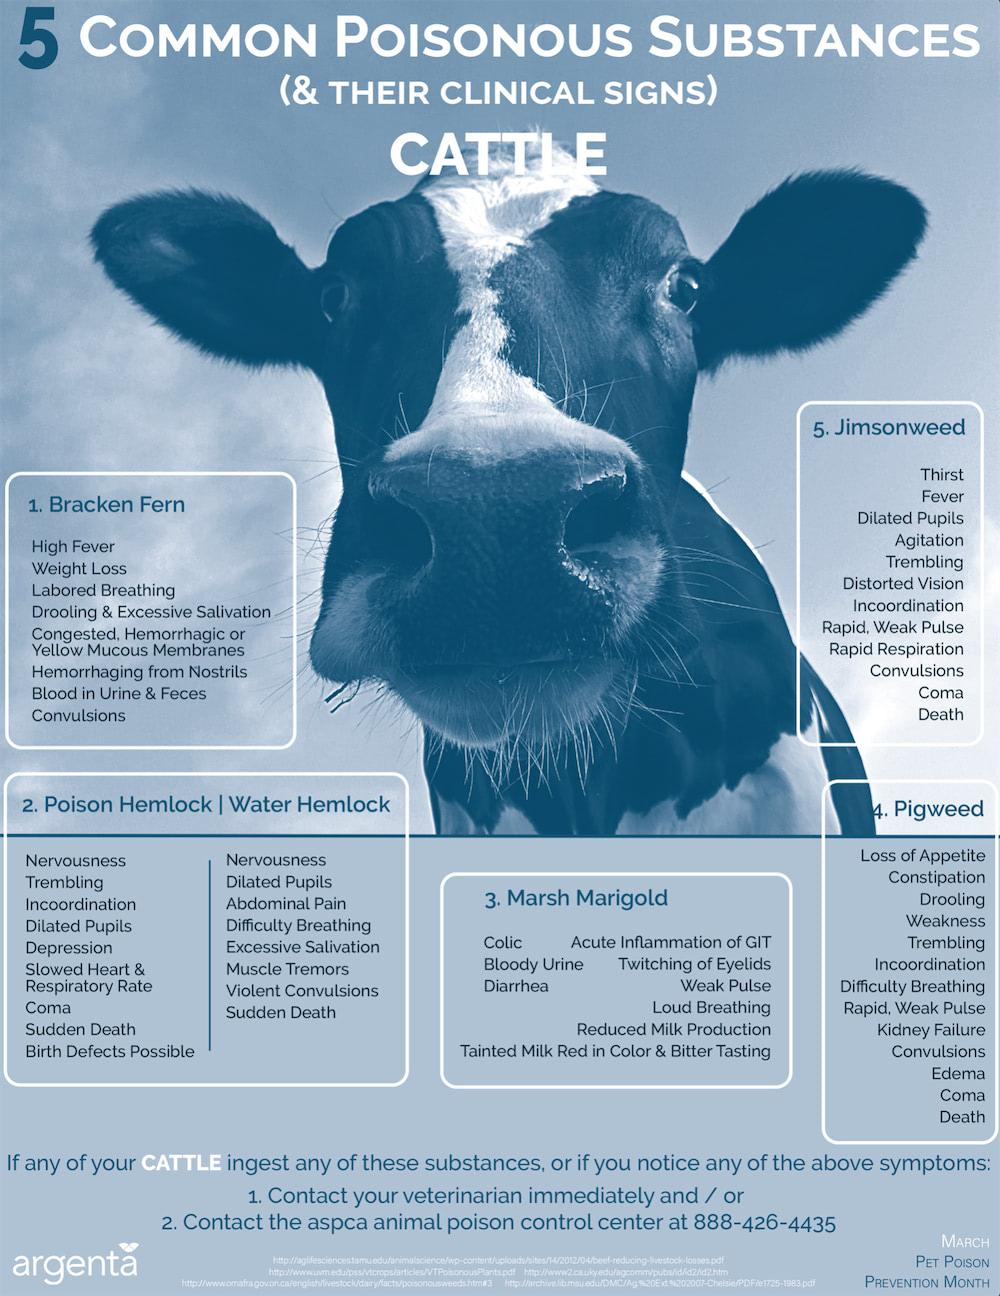 5 Common Poisonous Substances: Cattle